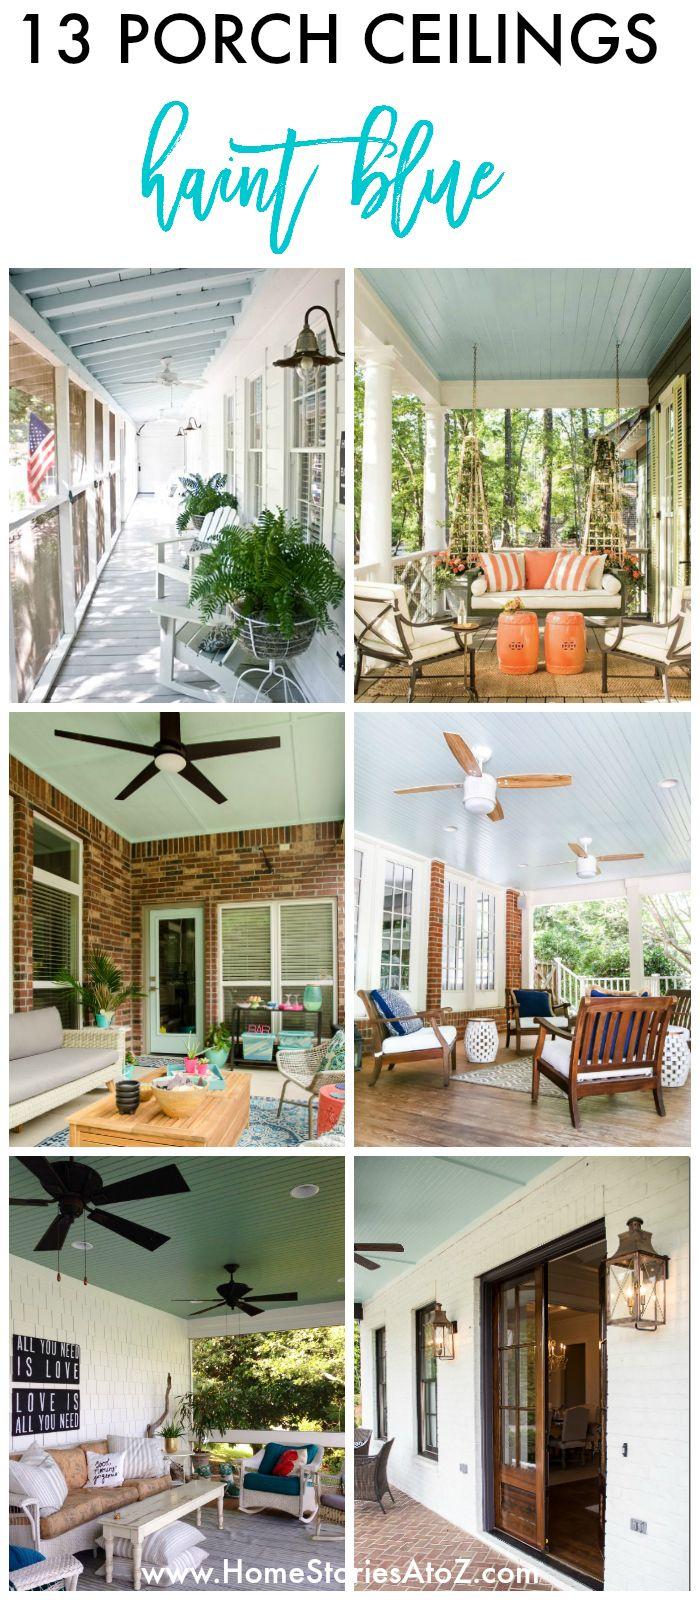 177 best Porches images on Pinterest Porch ideas Backyard ideas